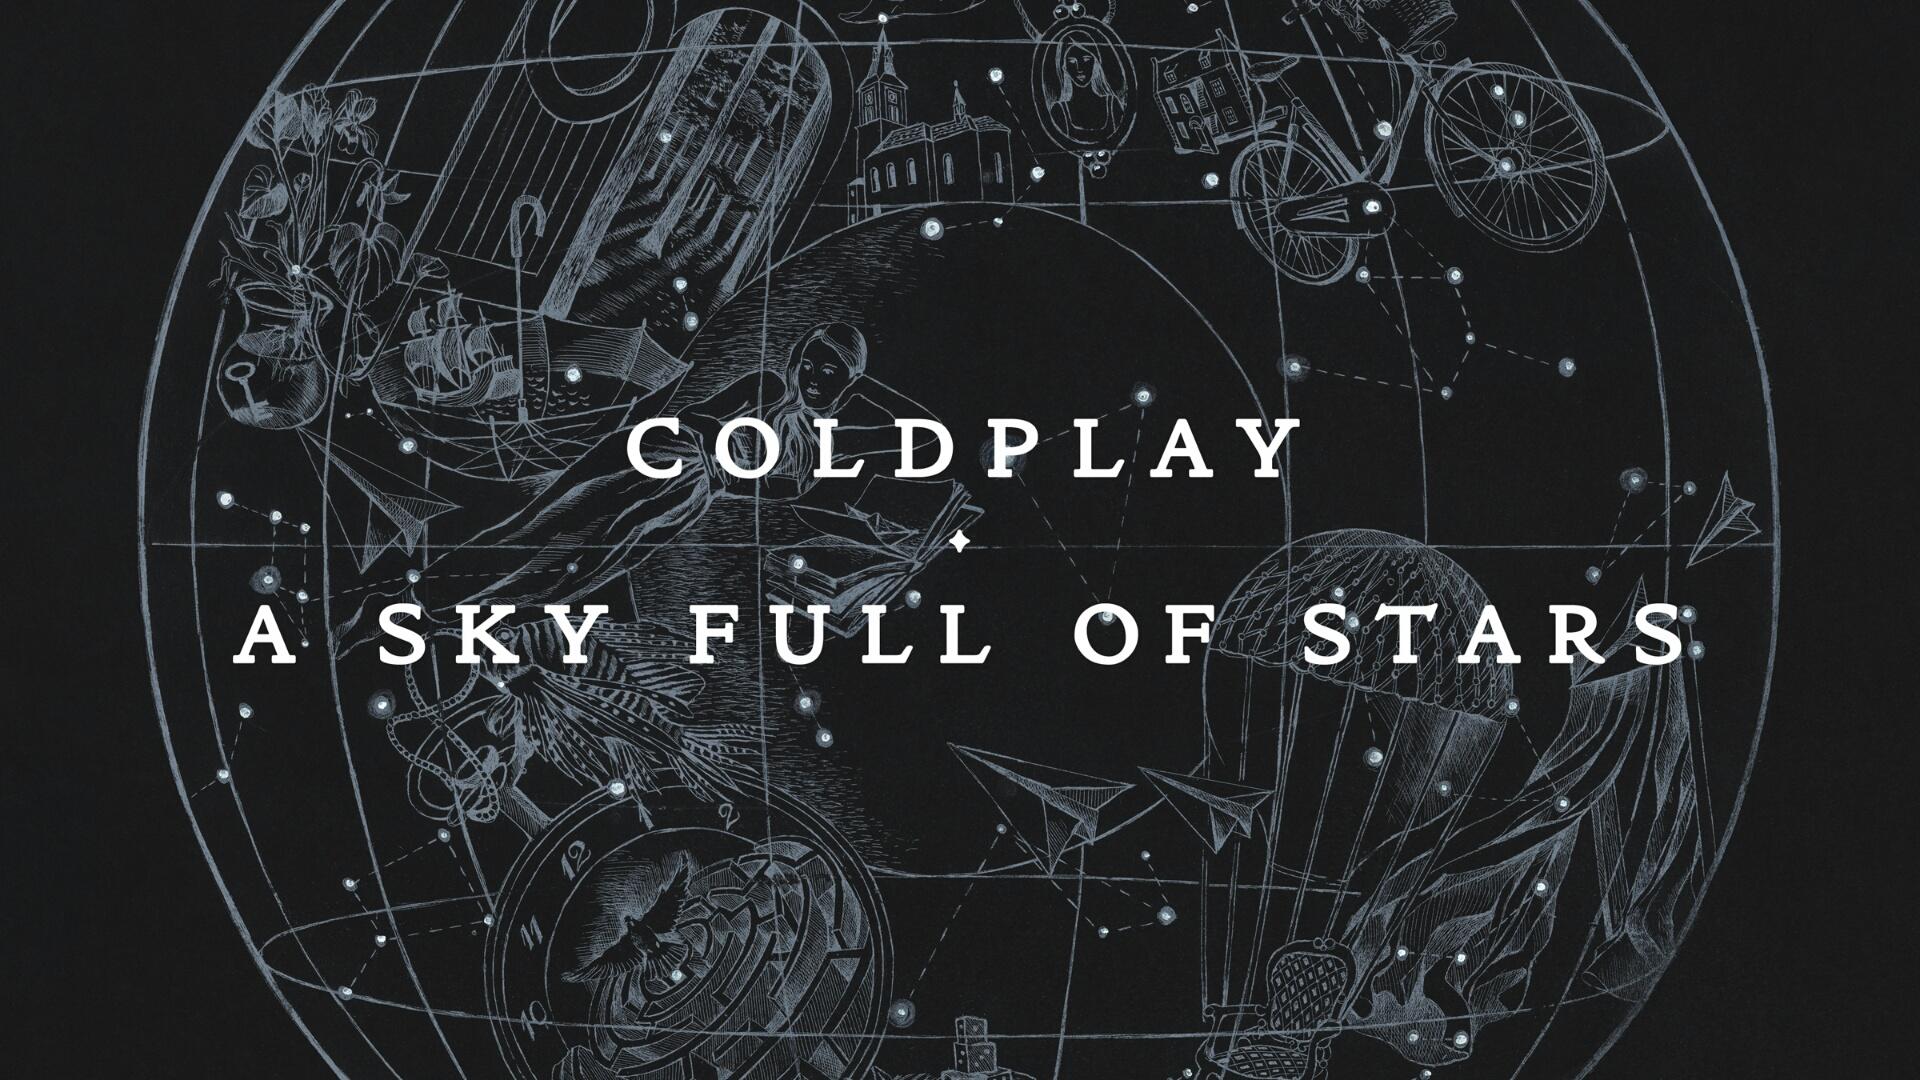 Coldplay - A Sky Full Of Stars Full HD Bakgrund and Bakgrund  1920x1080  ID...